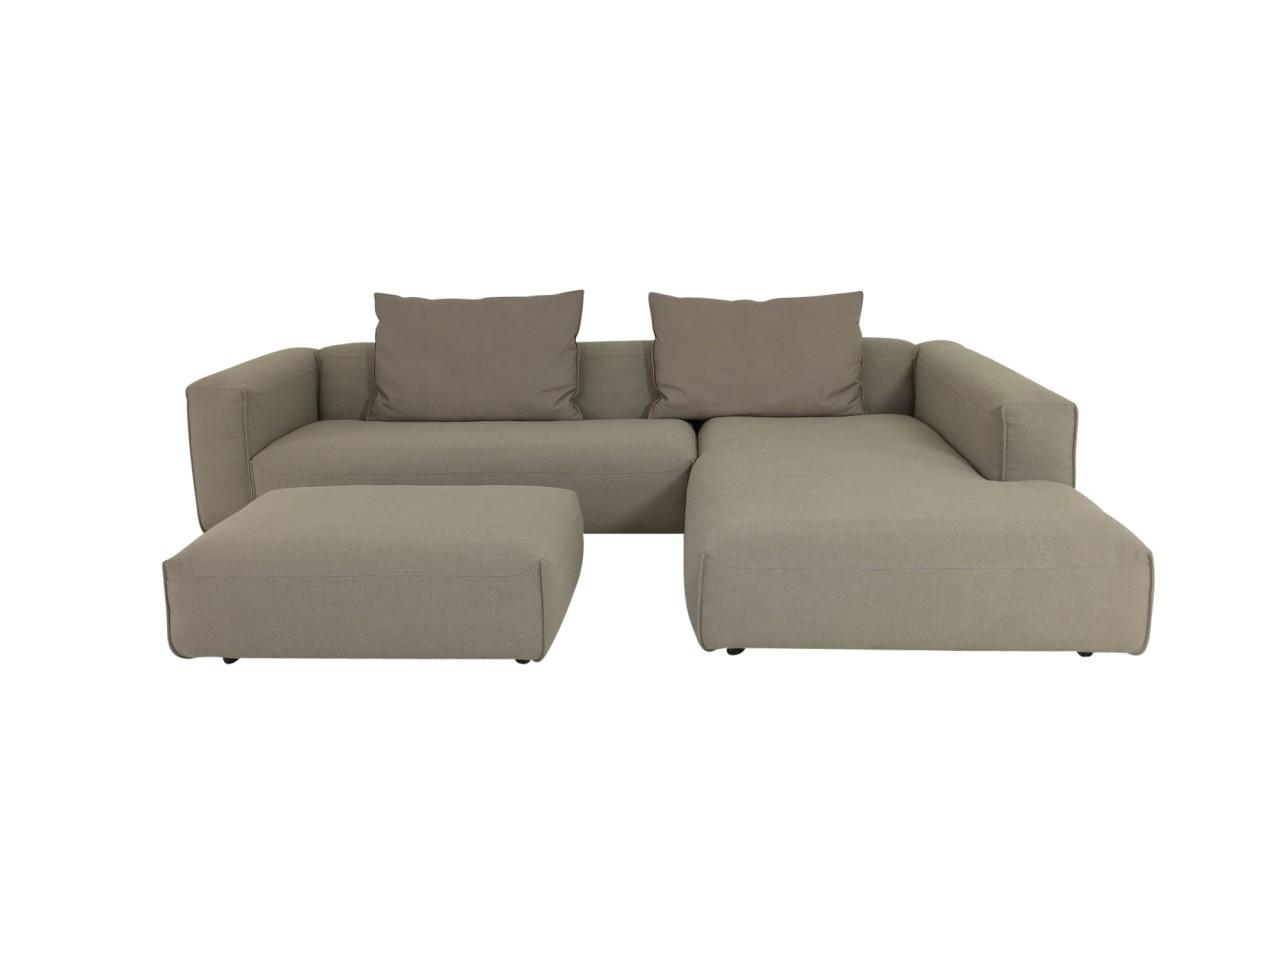 Rolf Benz MIO Sofa mit Recamiere Übertief in Stoff graubeige mit Polsterbank und Kissen in Leder